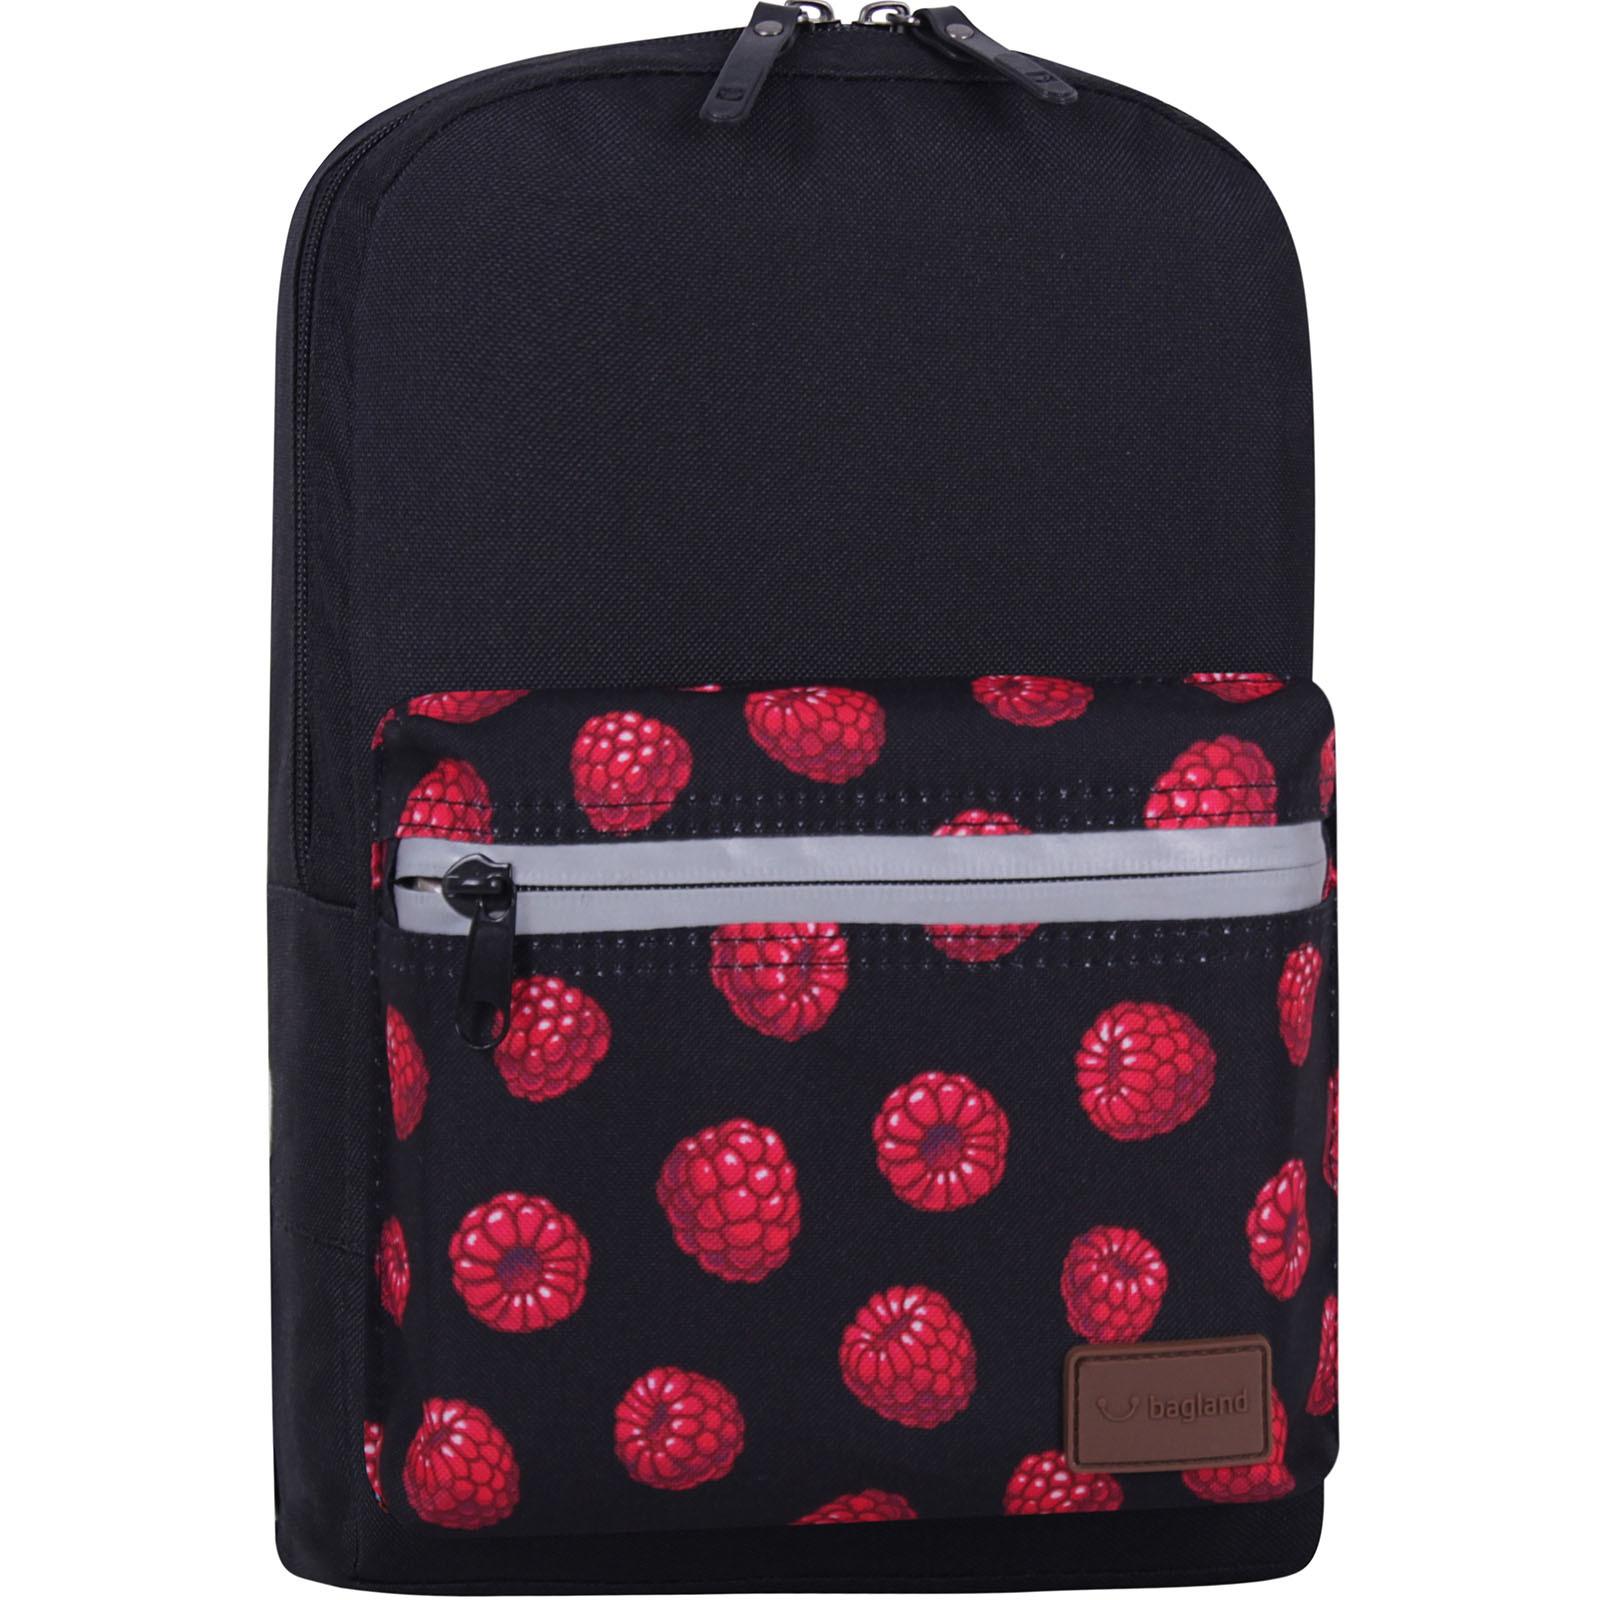 Детские рюкзаки Рюкзак Bagland Молодежный mini 8 л. черный 761 (0050866) IMG_7734_суб761_-1600.jpg